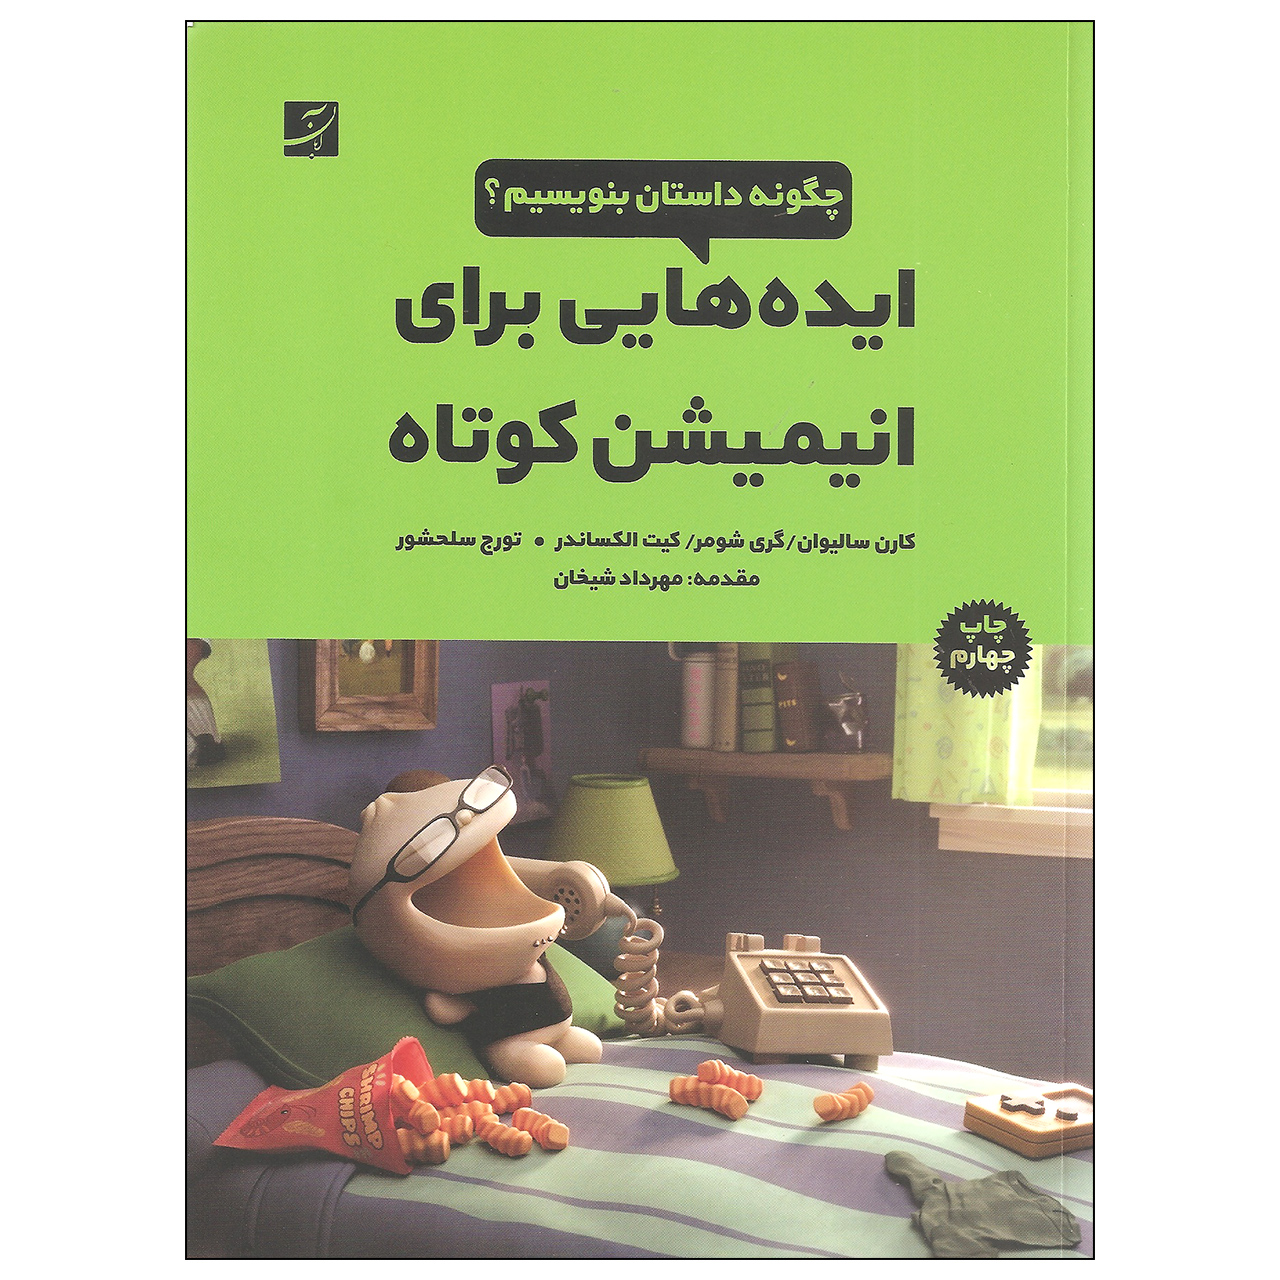 خرید                      کتاب ایده هایی برای انیمیشن کوتاه اثر جمعی از نویسندگان نشر آبان